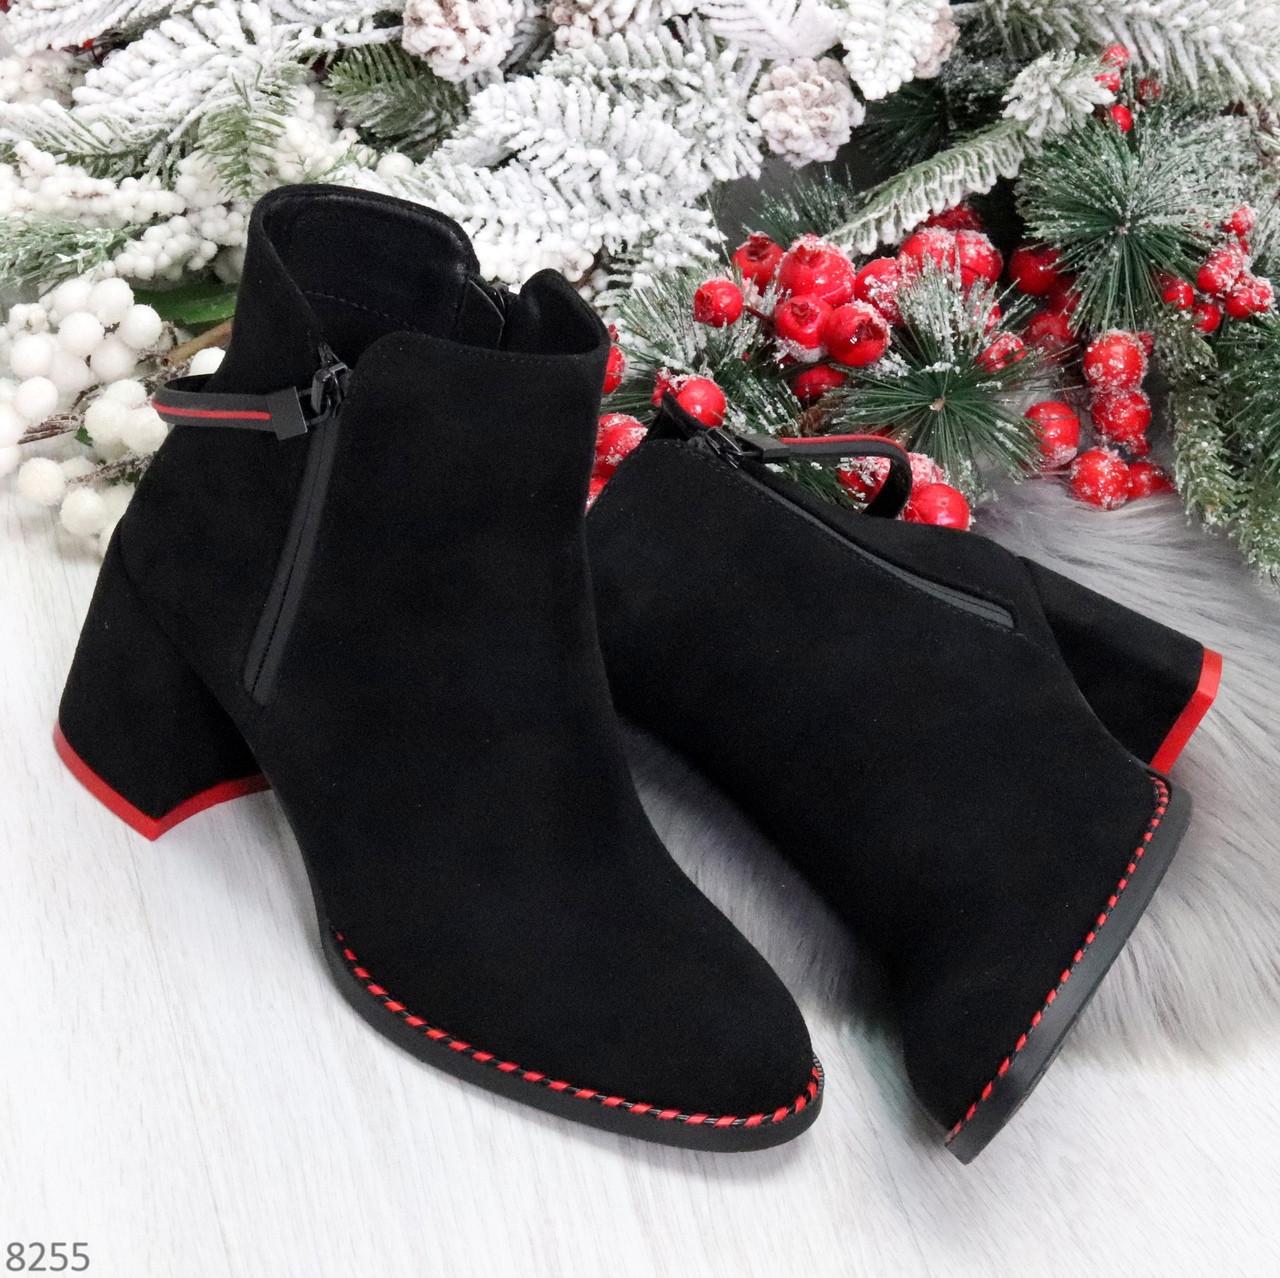 Актуальные замшевые черные женские ботинки ботильоны на удобном каблуке